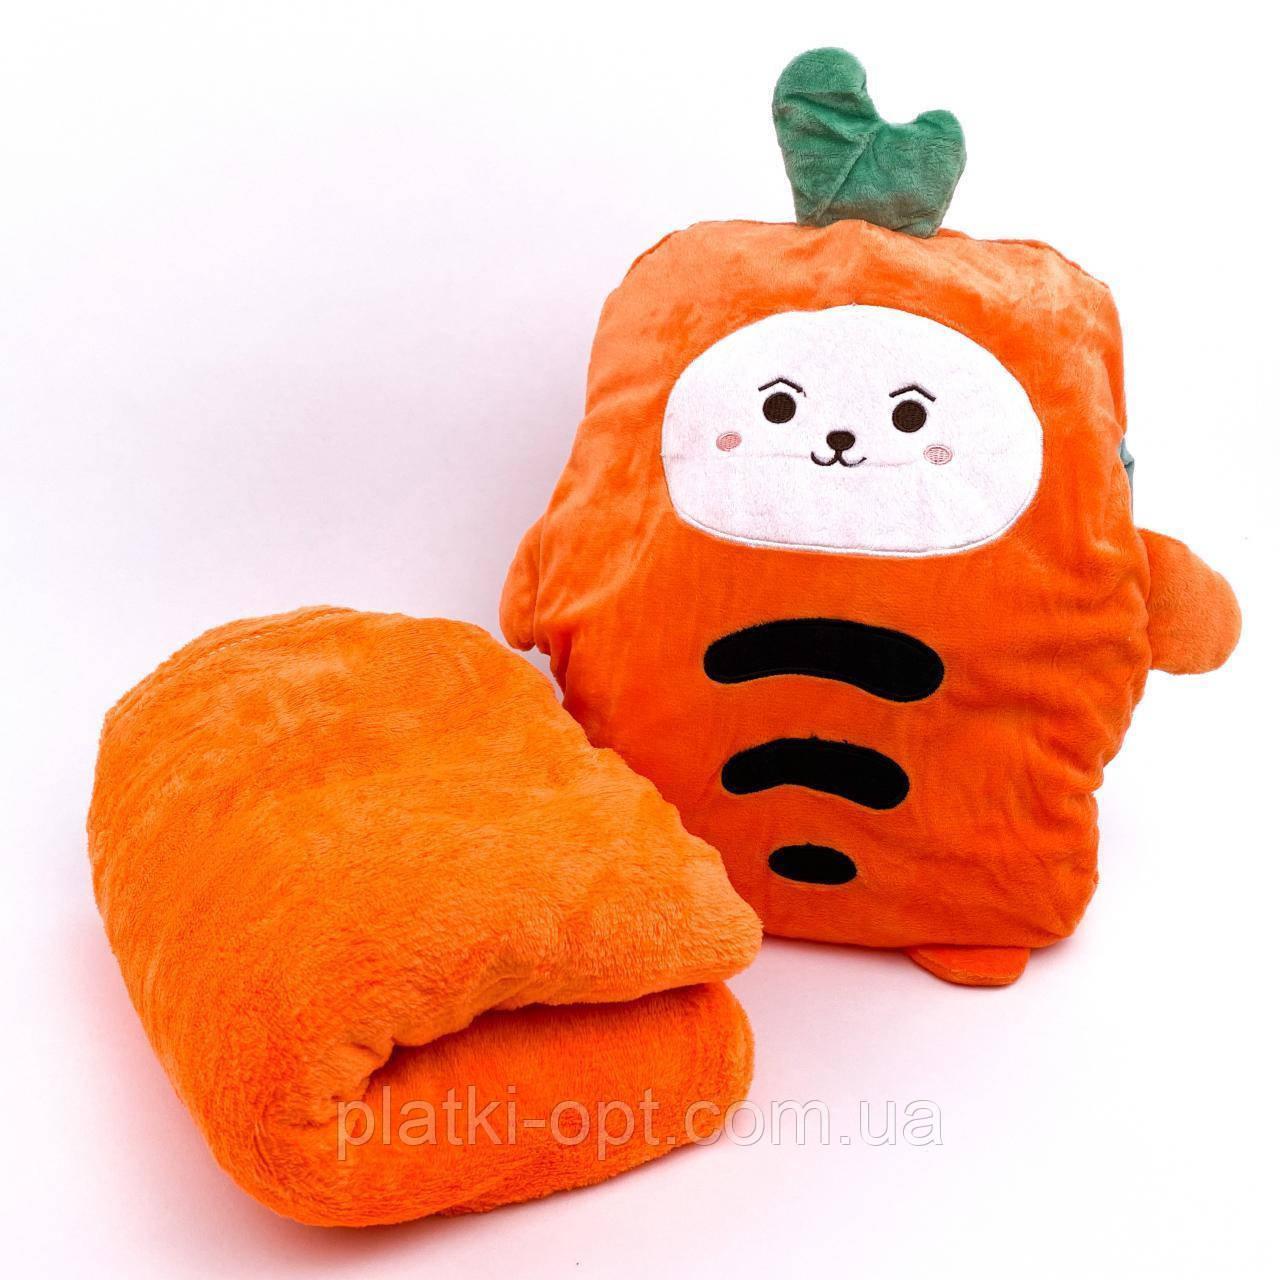 Детский плед-подушка Морковка